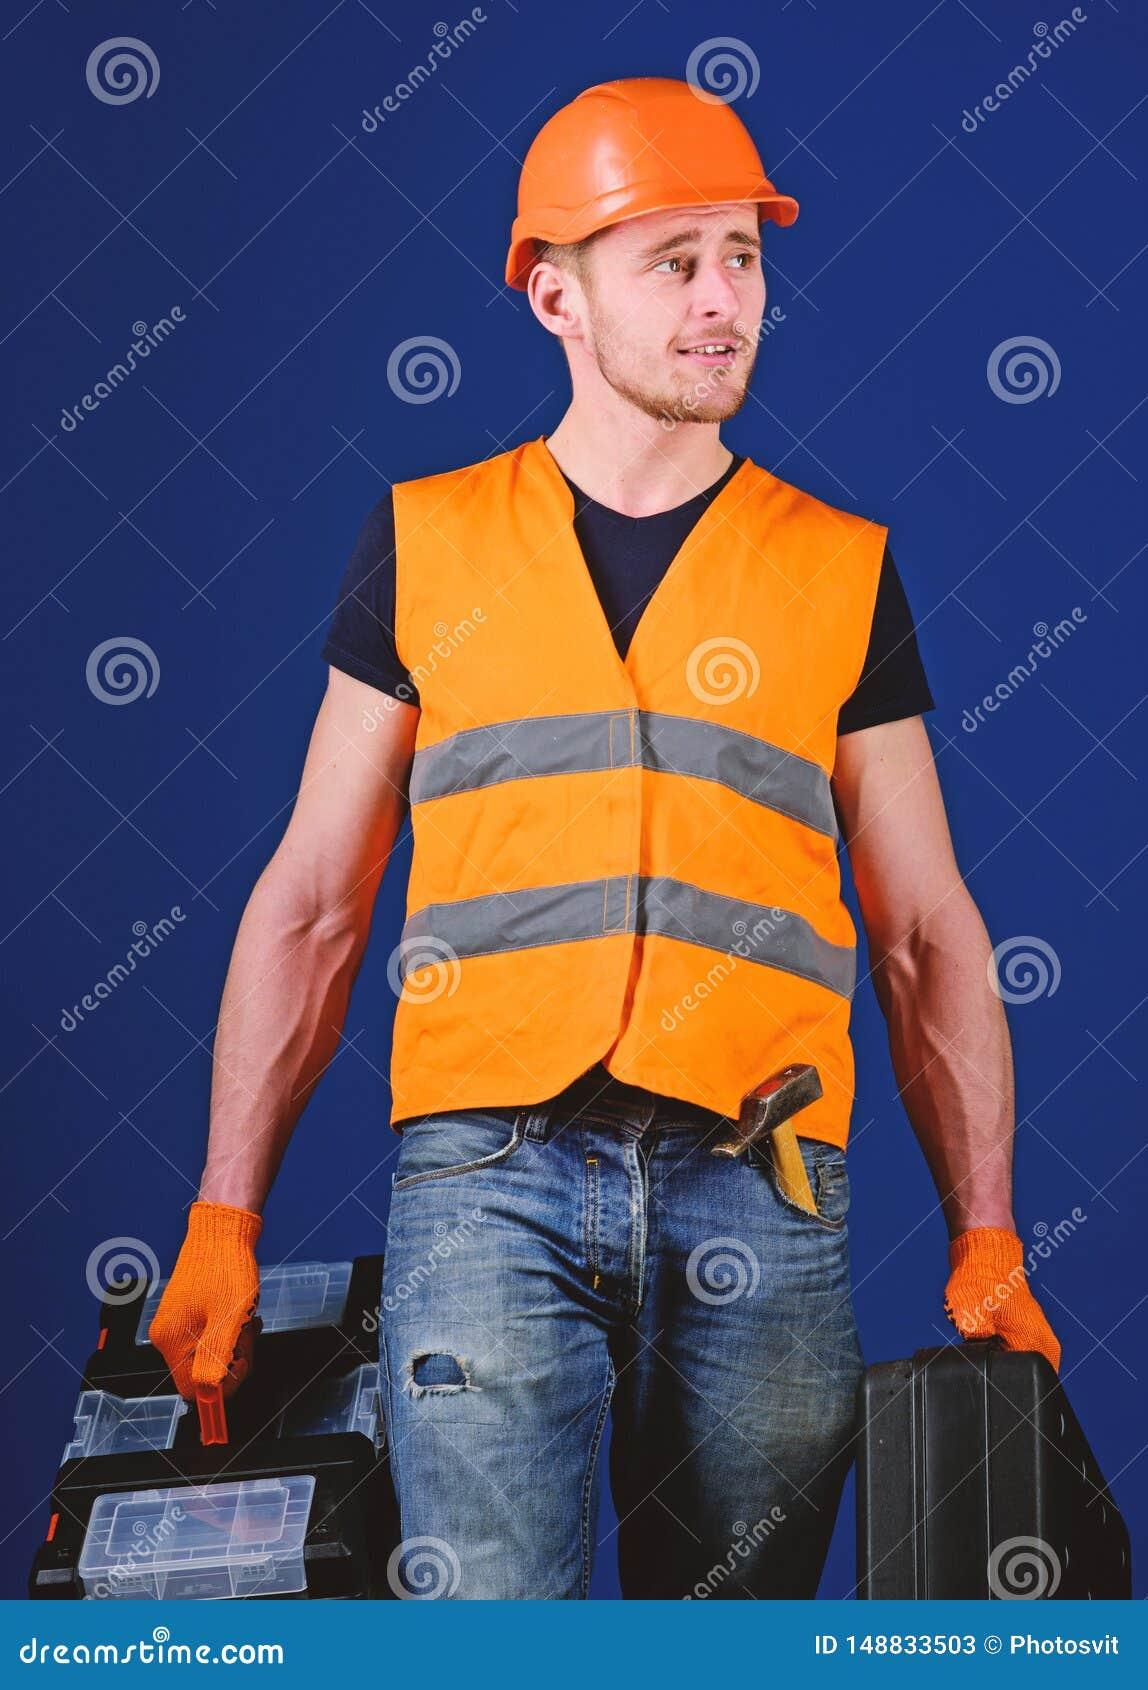 Heimwerker, Schlosser auf tr?umerischem Gesicht geht und tr?gt Taschen mit Berufsausr?stung Mann im Sturzhelm, Schutzhelmgriffe